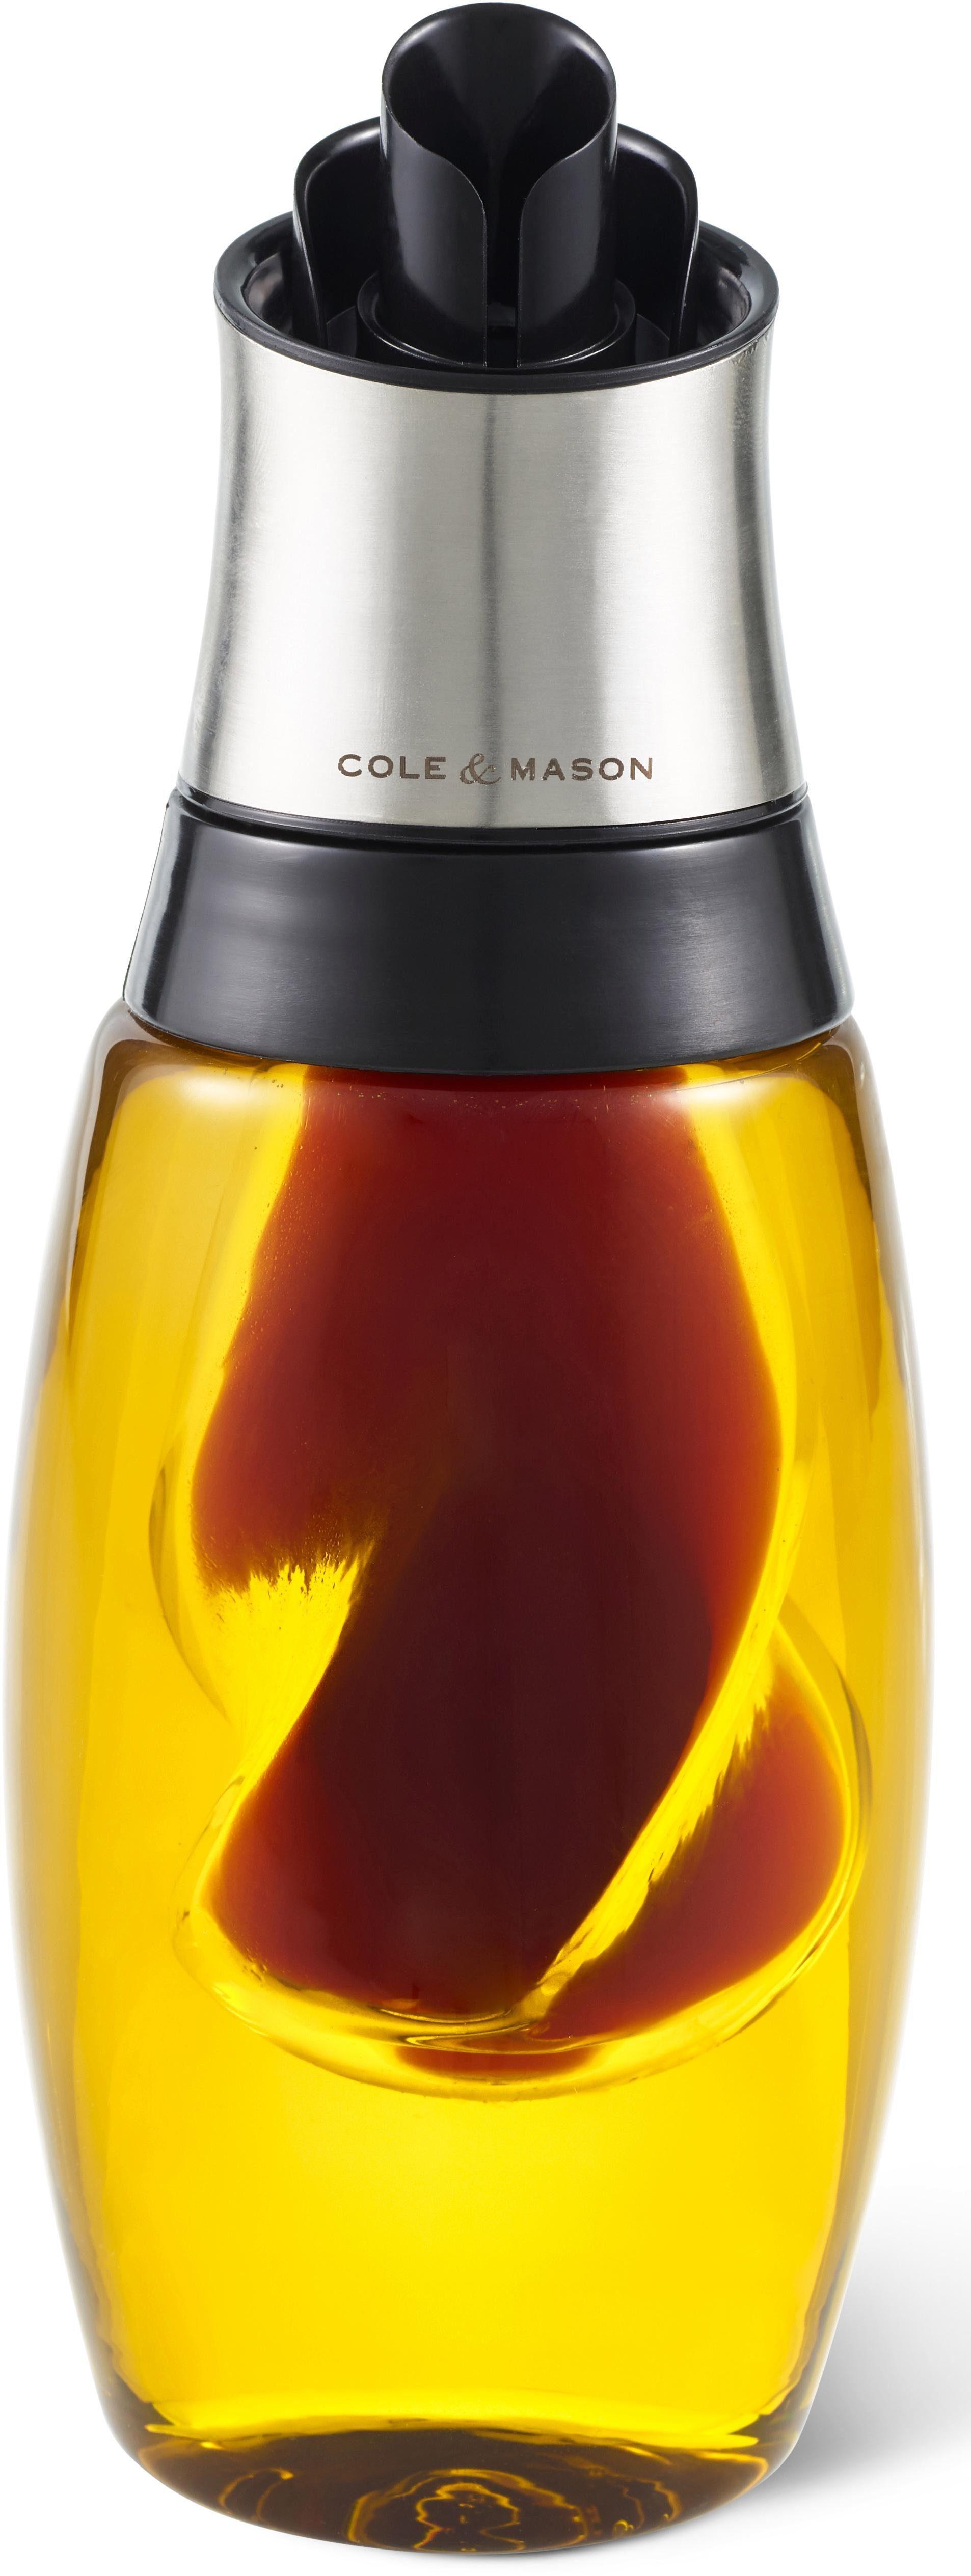 Cole & Mason Essigspender »H103069«, Duo - für Essig und Öl